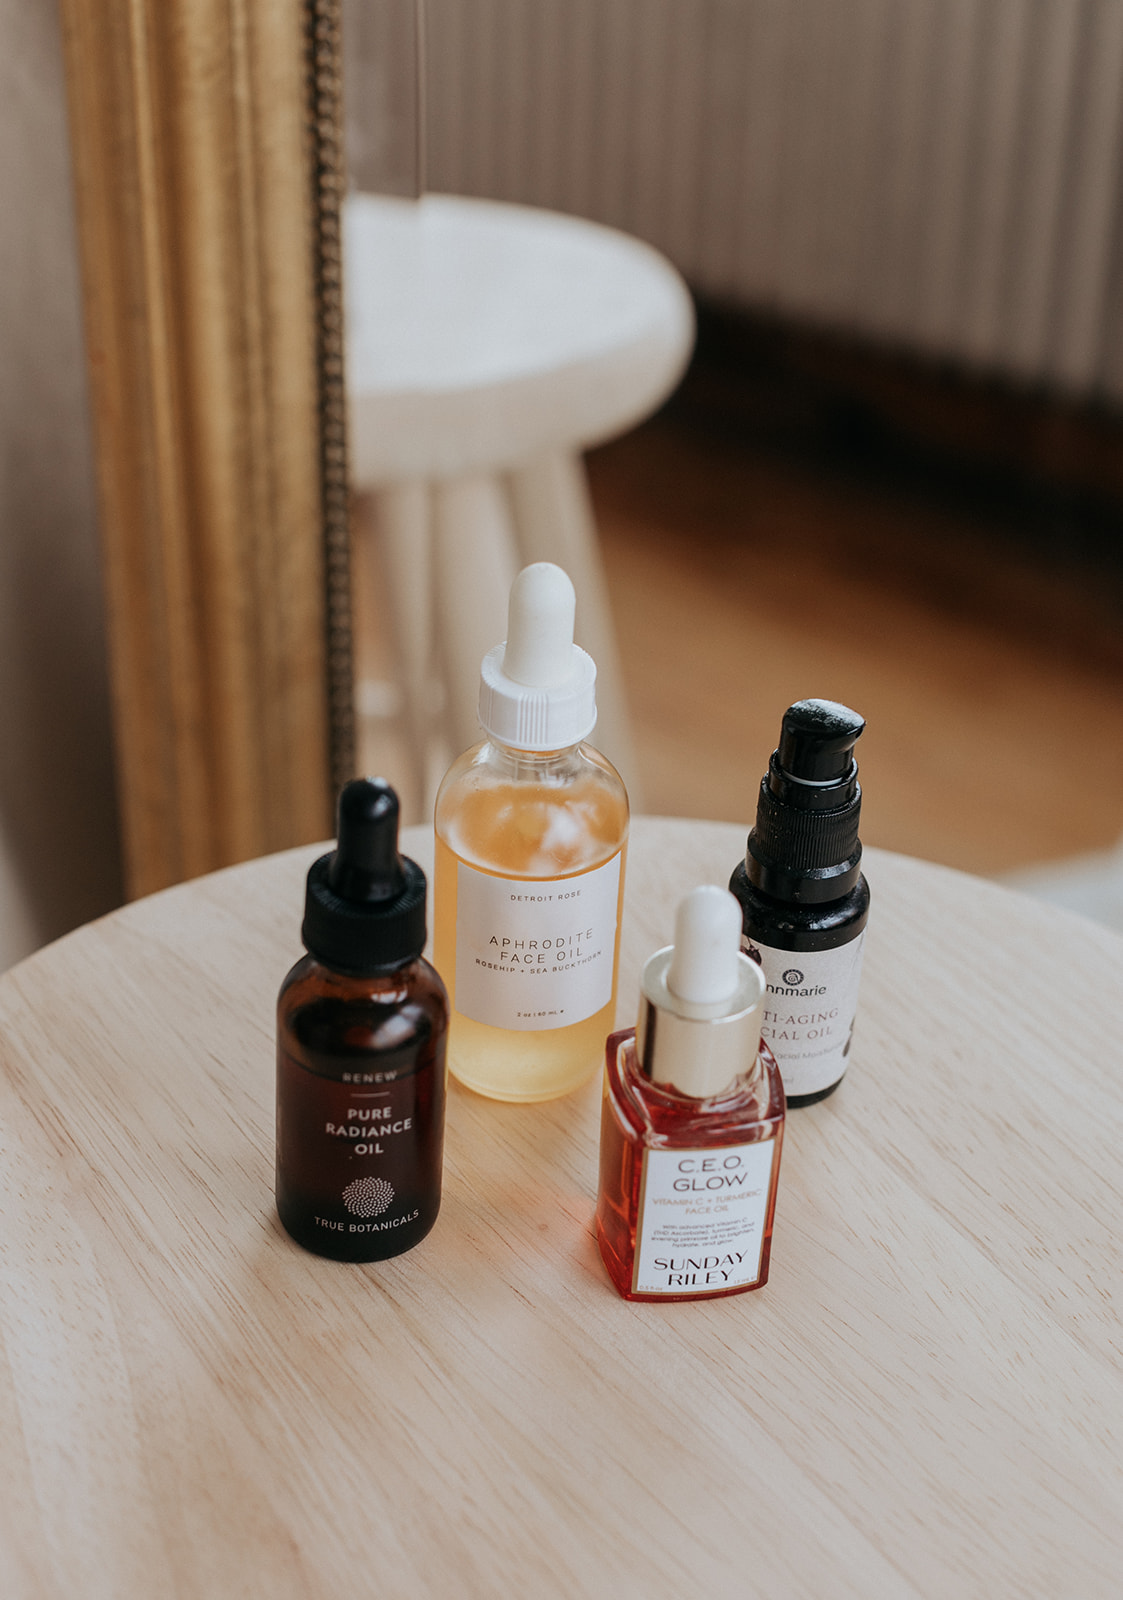 face oils on a table